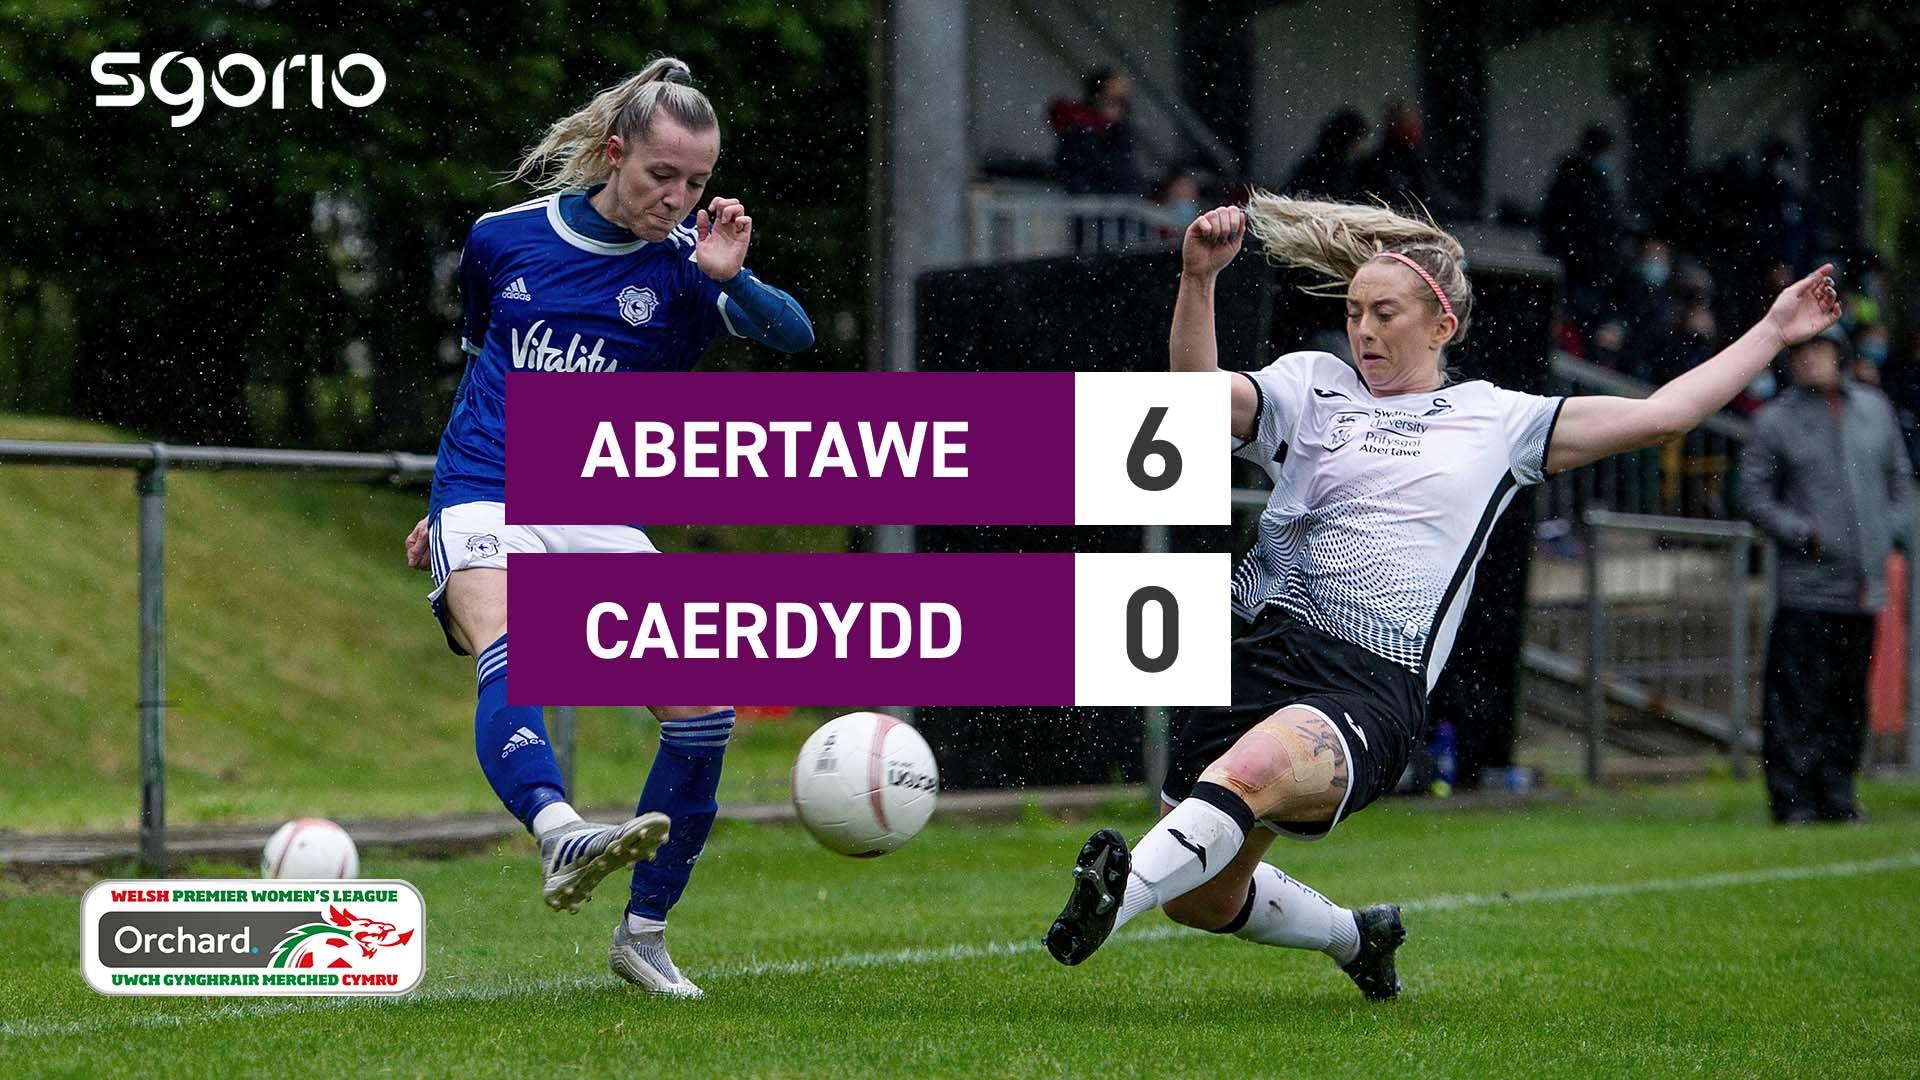 Merched Abertawe 6-0 Caerdydd